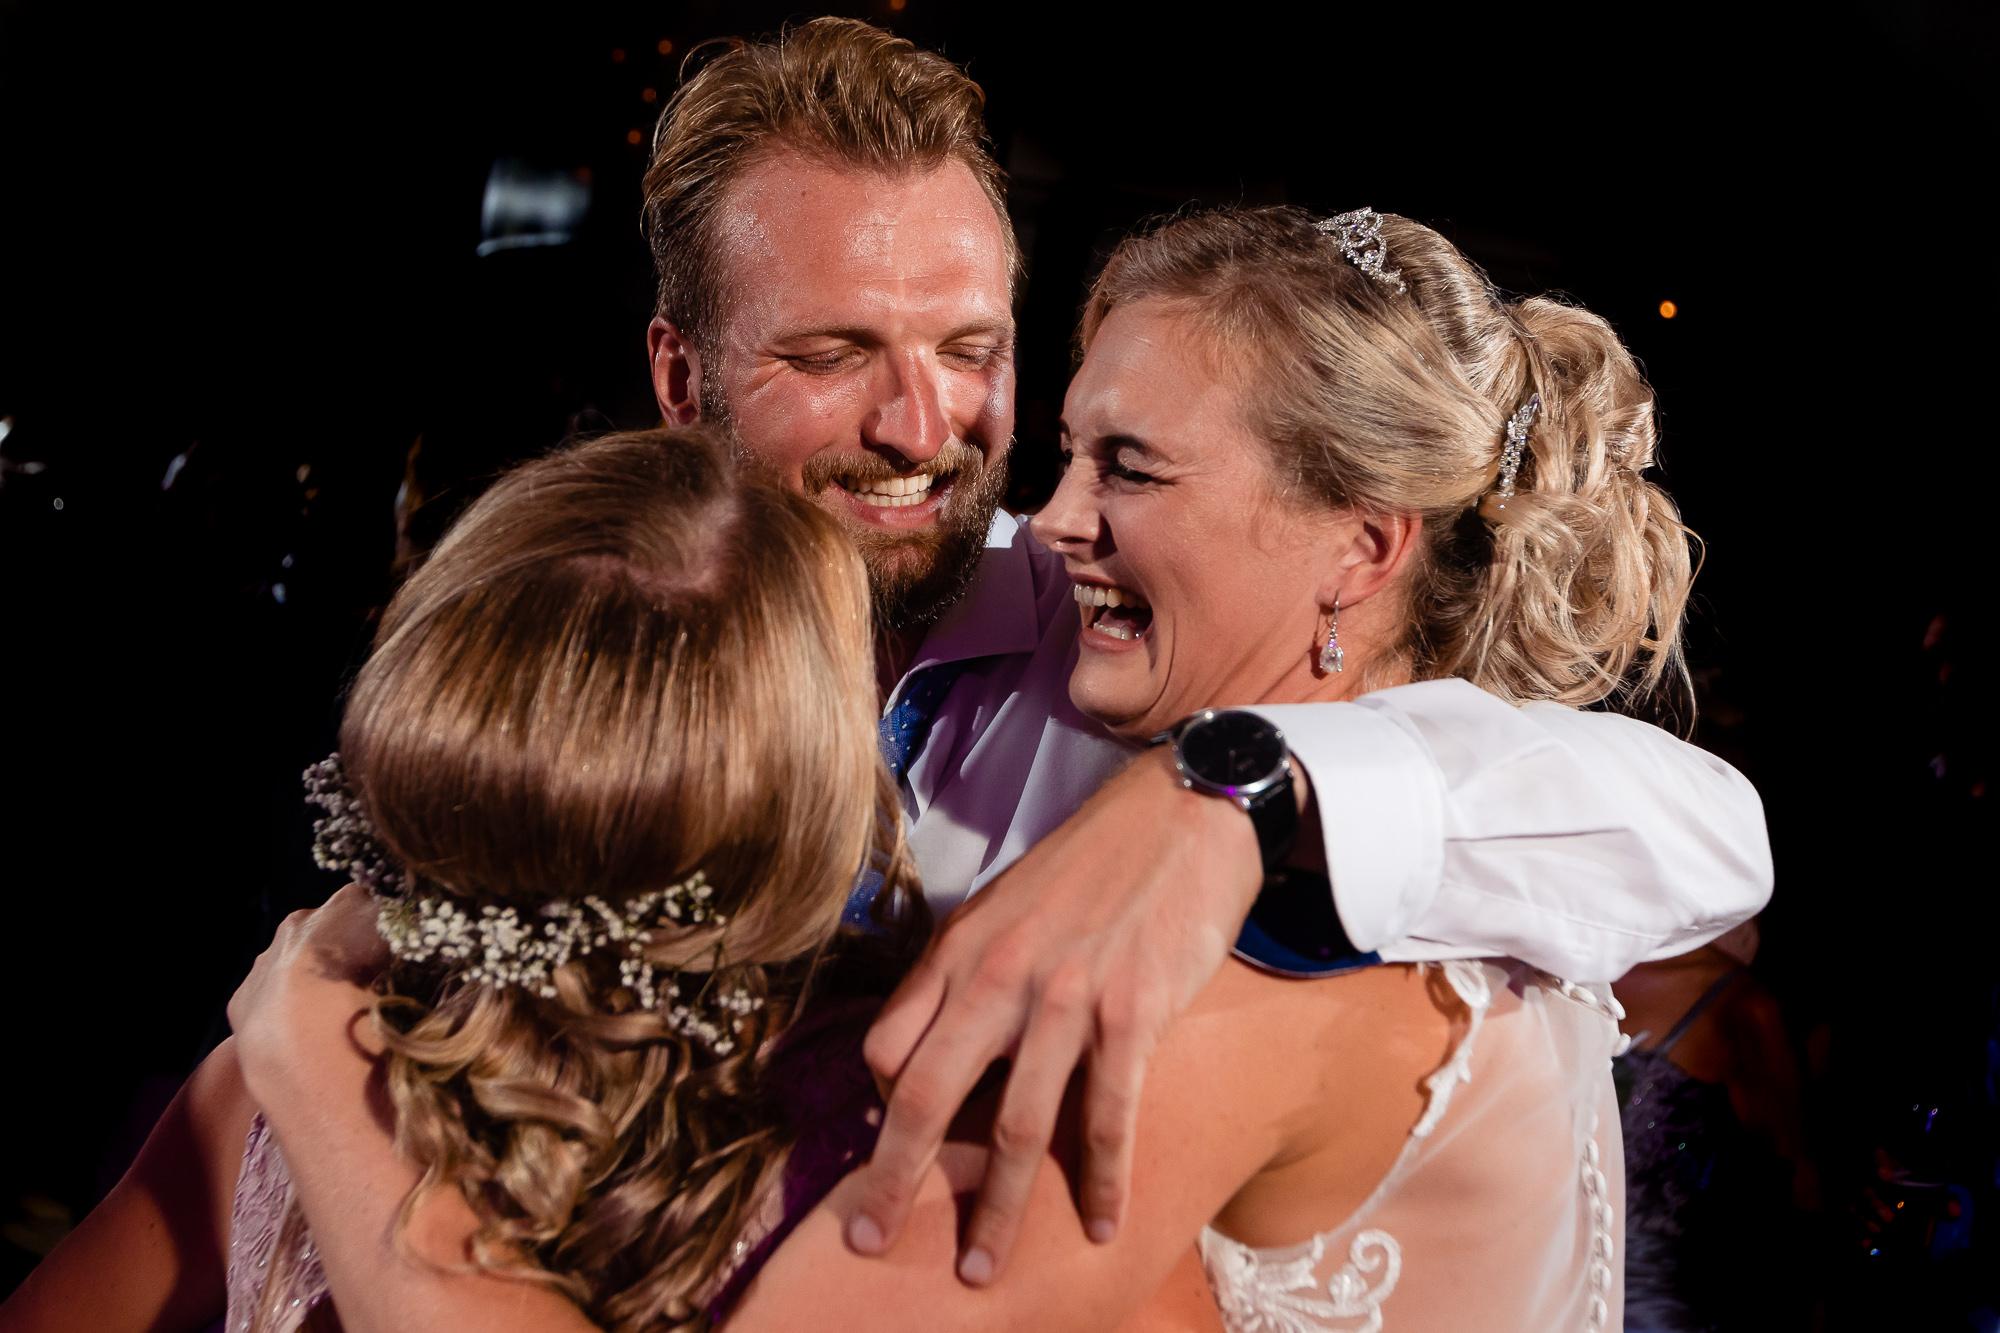 Bruid wordt geknuffeld door broer op de dansvloer